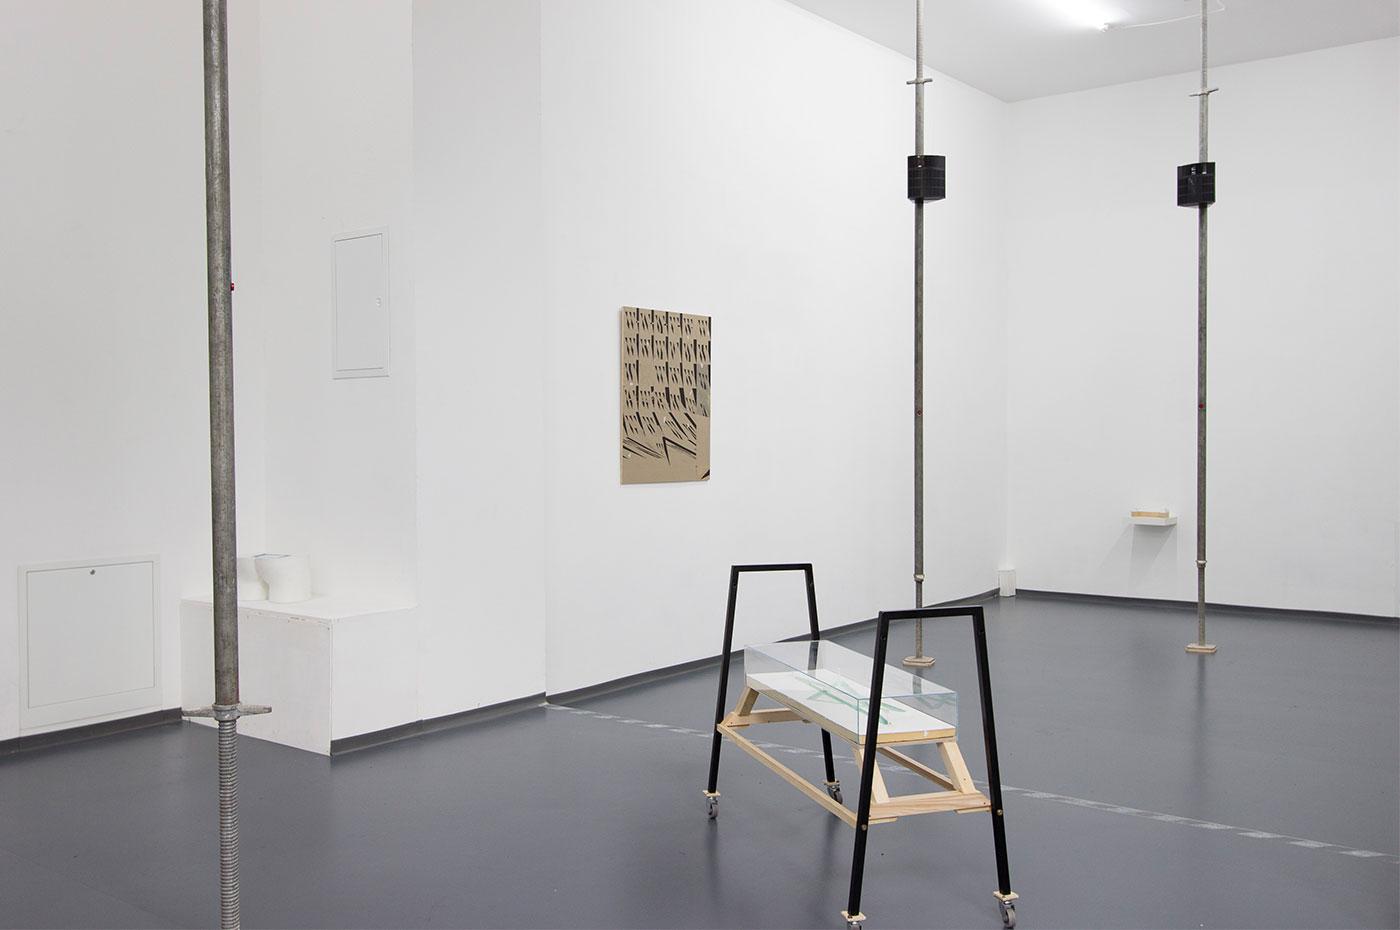 Georg_pinteritsch_exhibition-view-1_2019_bb15